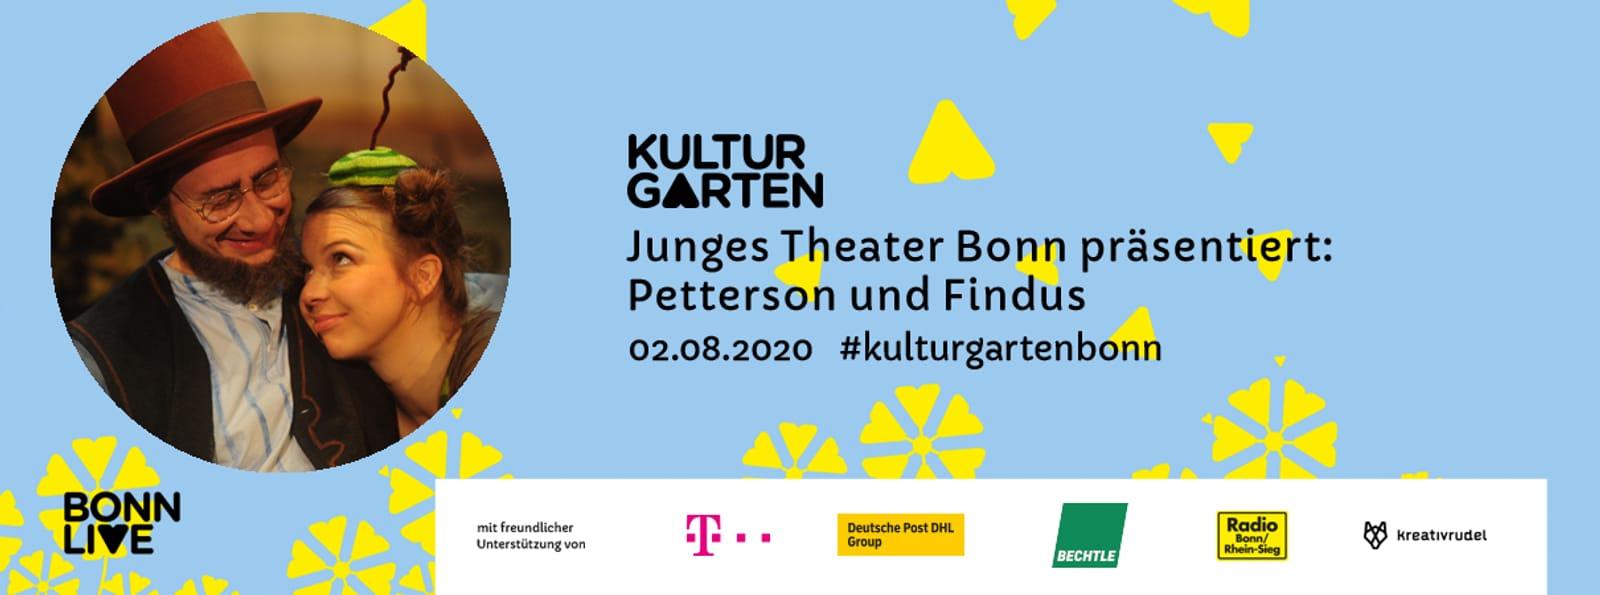 JTB: Pettersson & Findus   BonnLive Kulturgarten